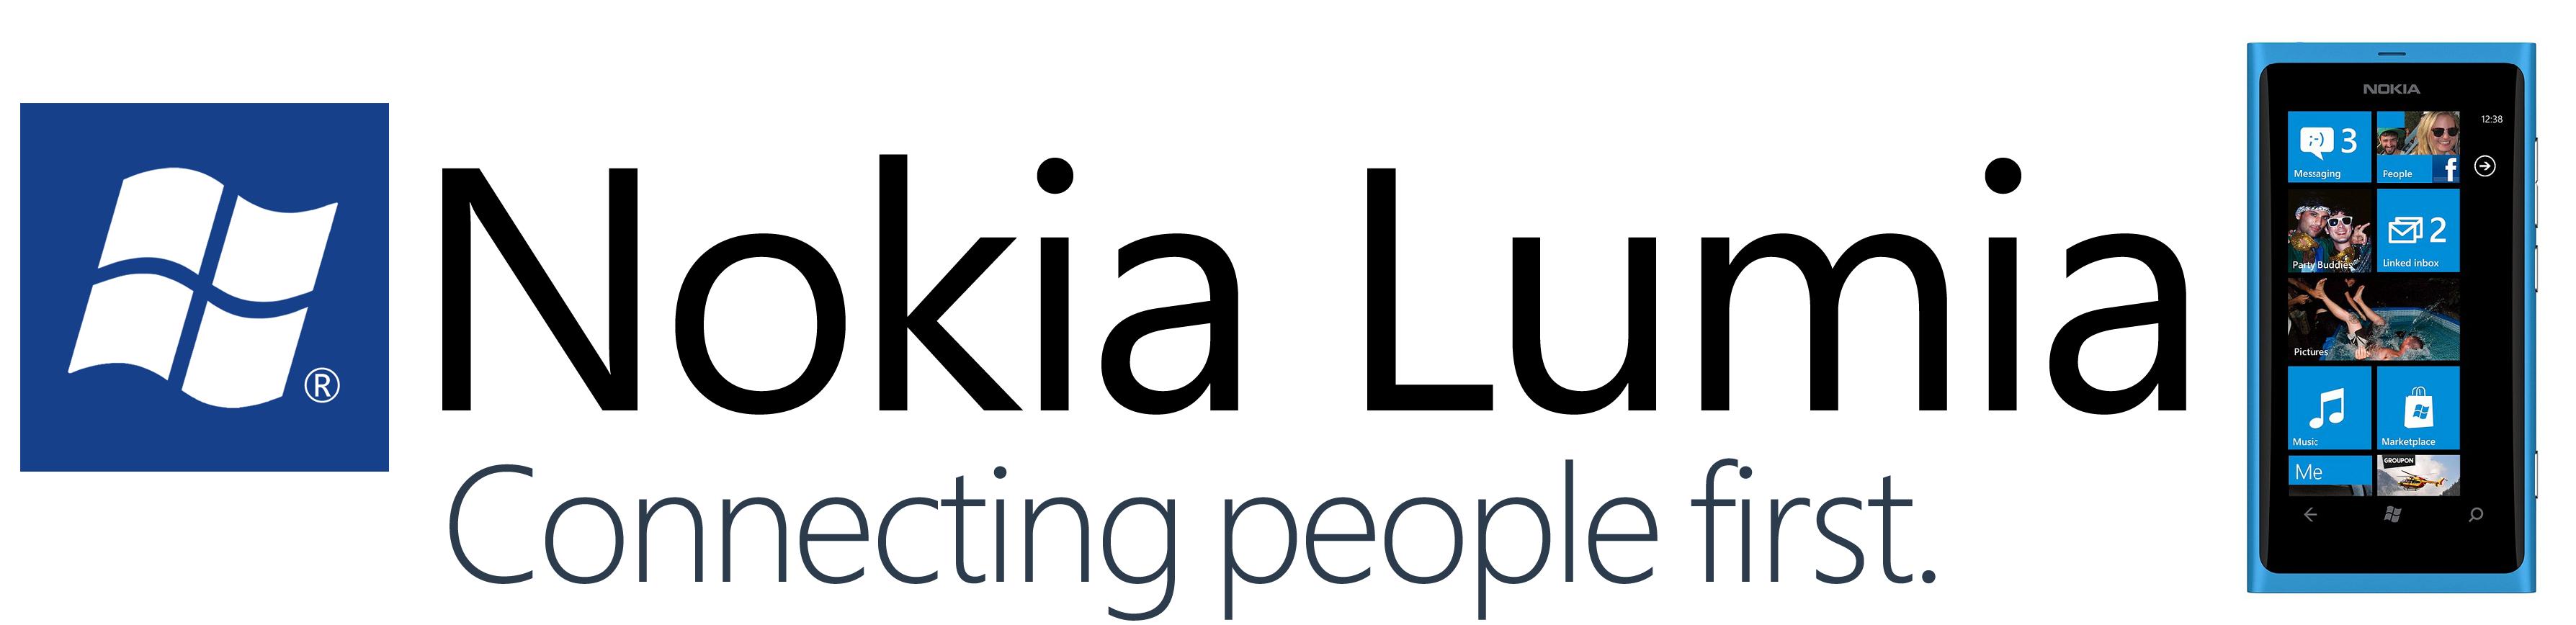 Nokia Lumia Logo Wallpaper Nokia lumia lo 3576x868